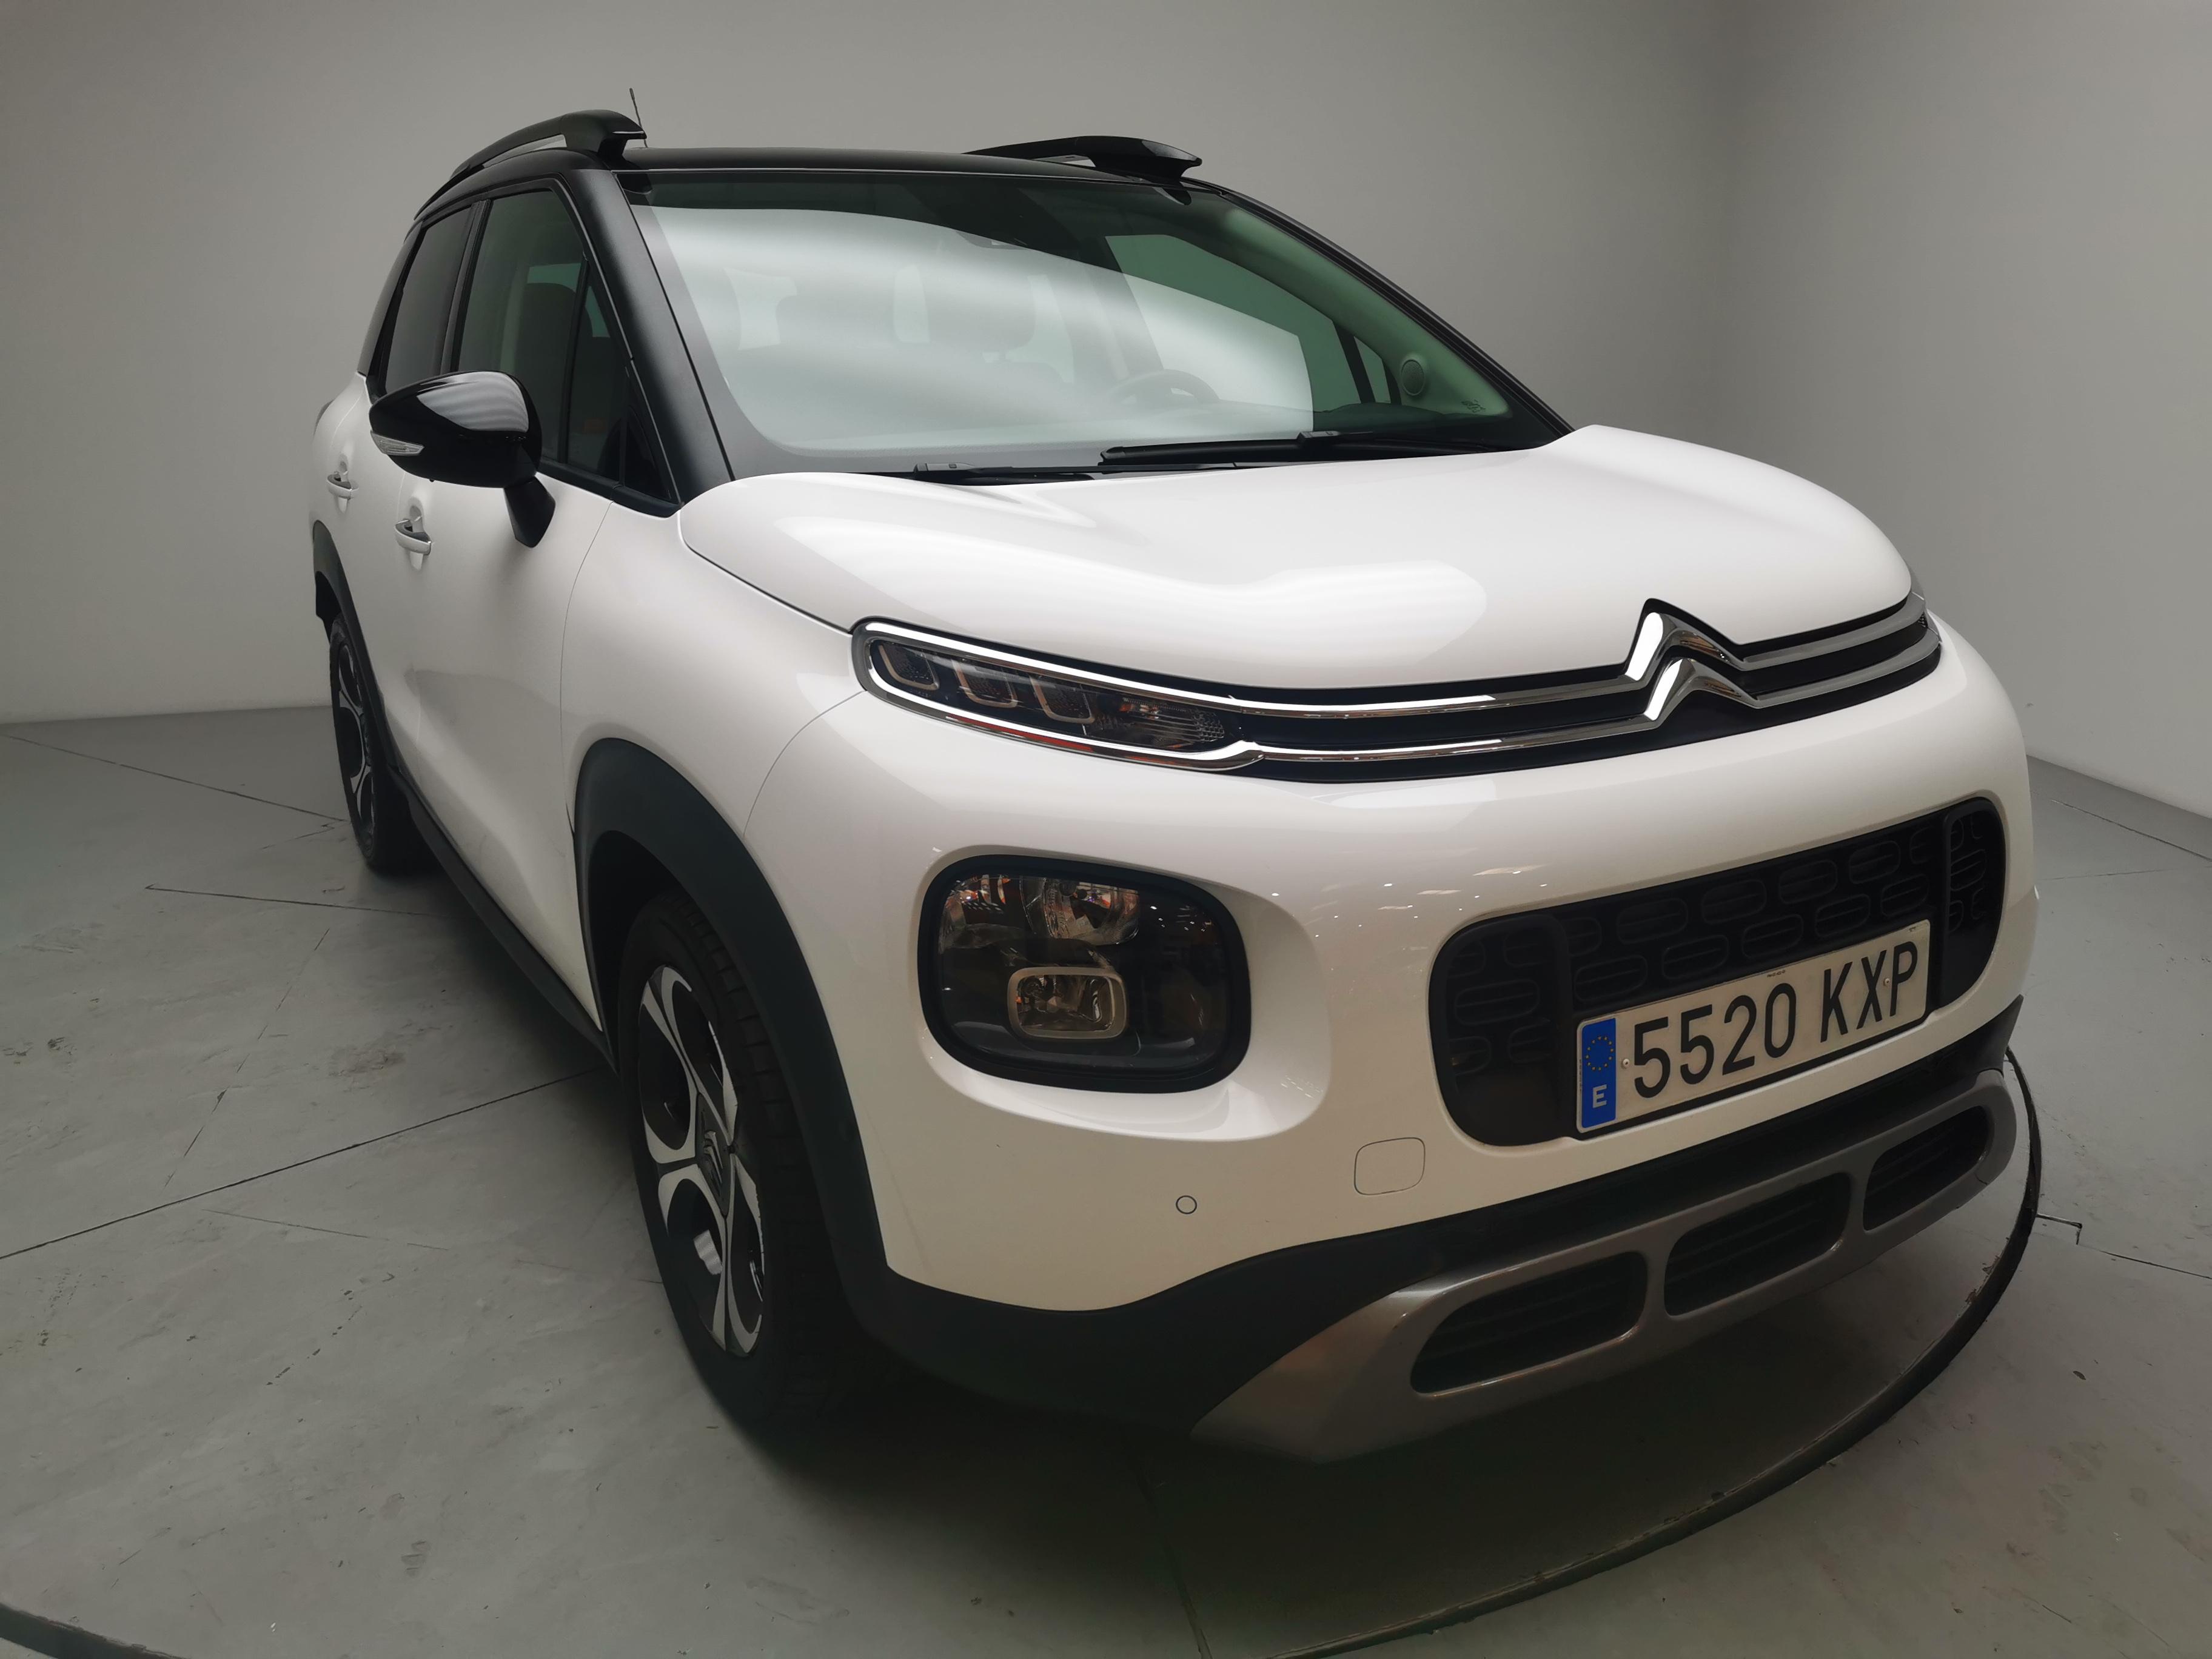 Citroën C3 Aircross ocasión segunda mano 2019 Diésel por 19.900€ en Málaga